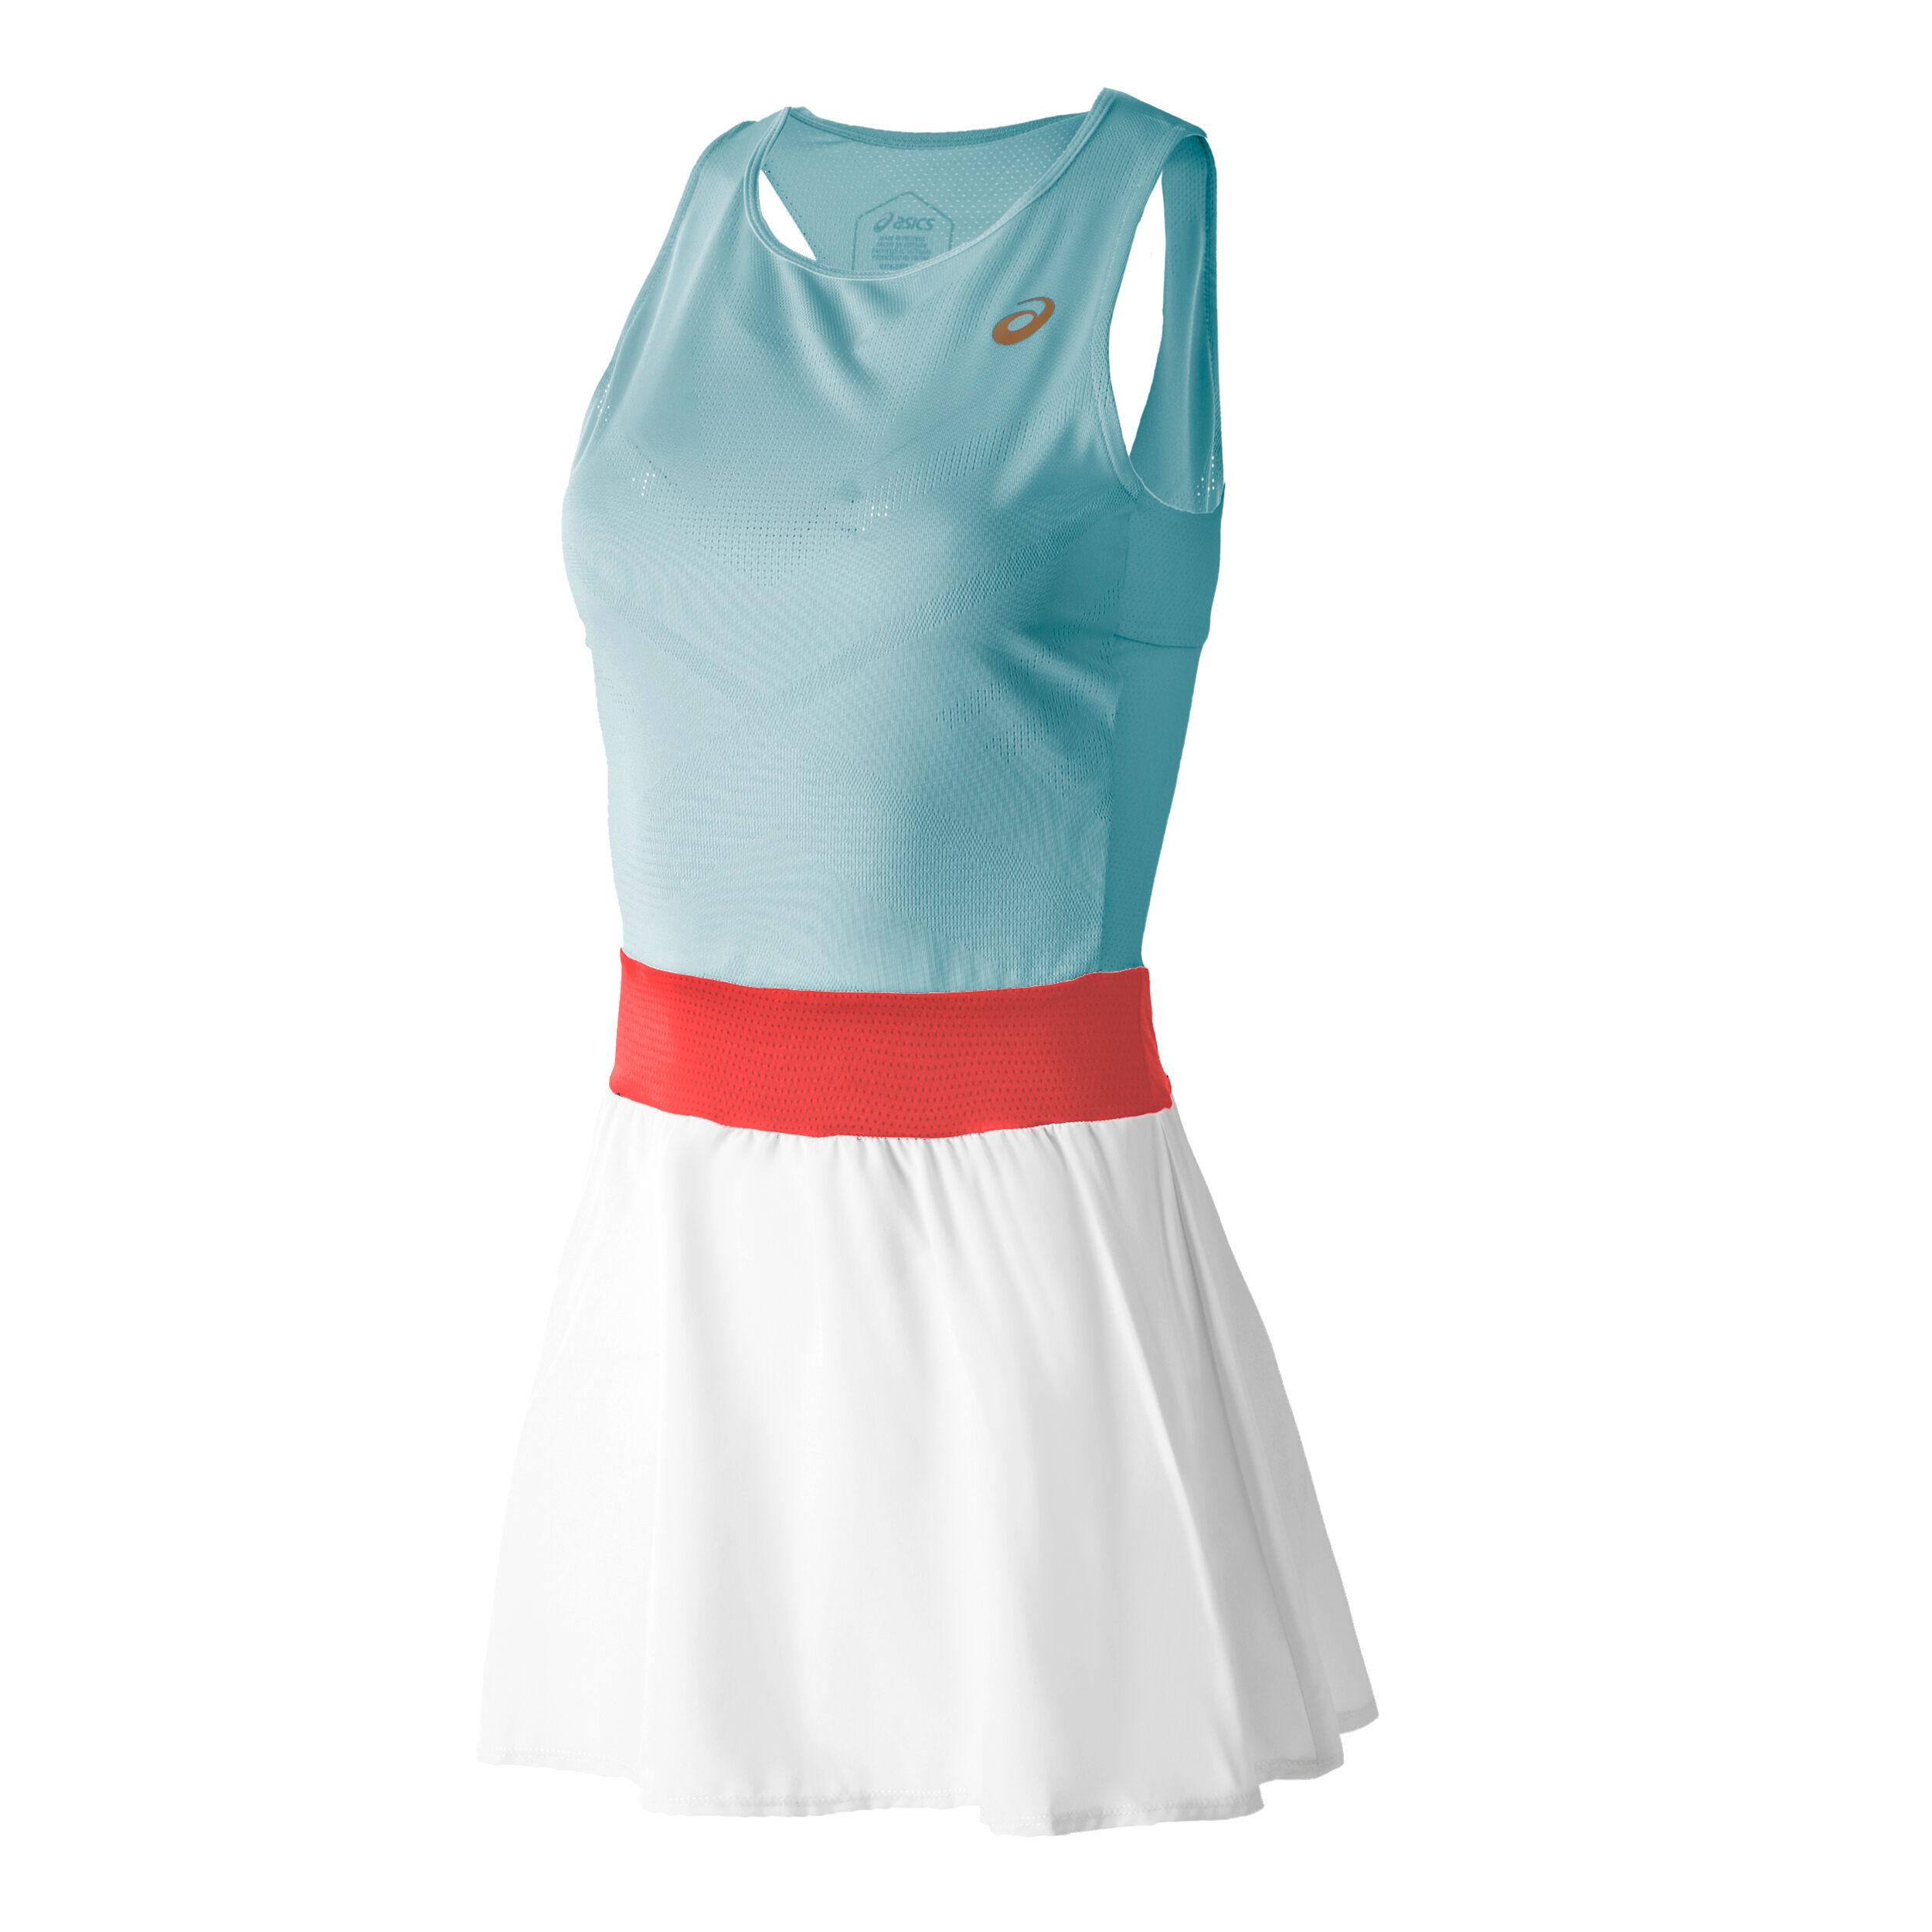 buy Asics Dress Women - Turquoise, White online | Tennis-Point